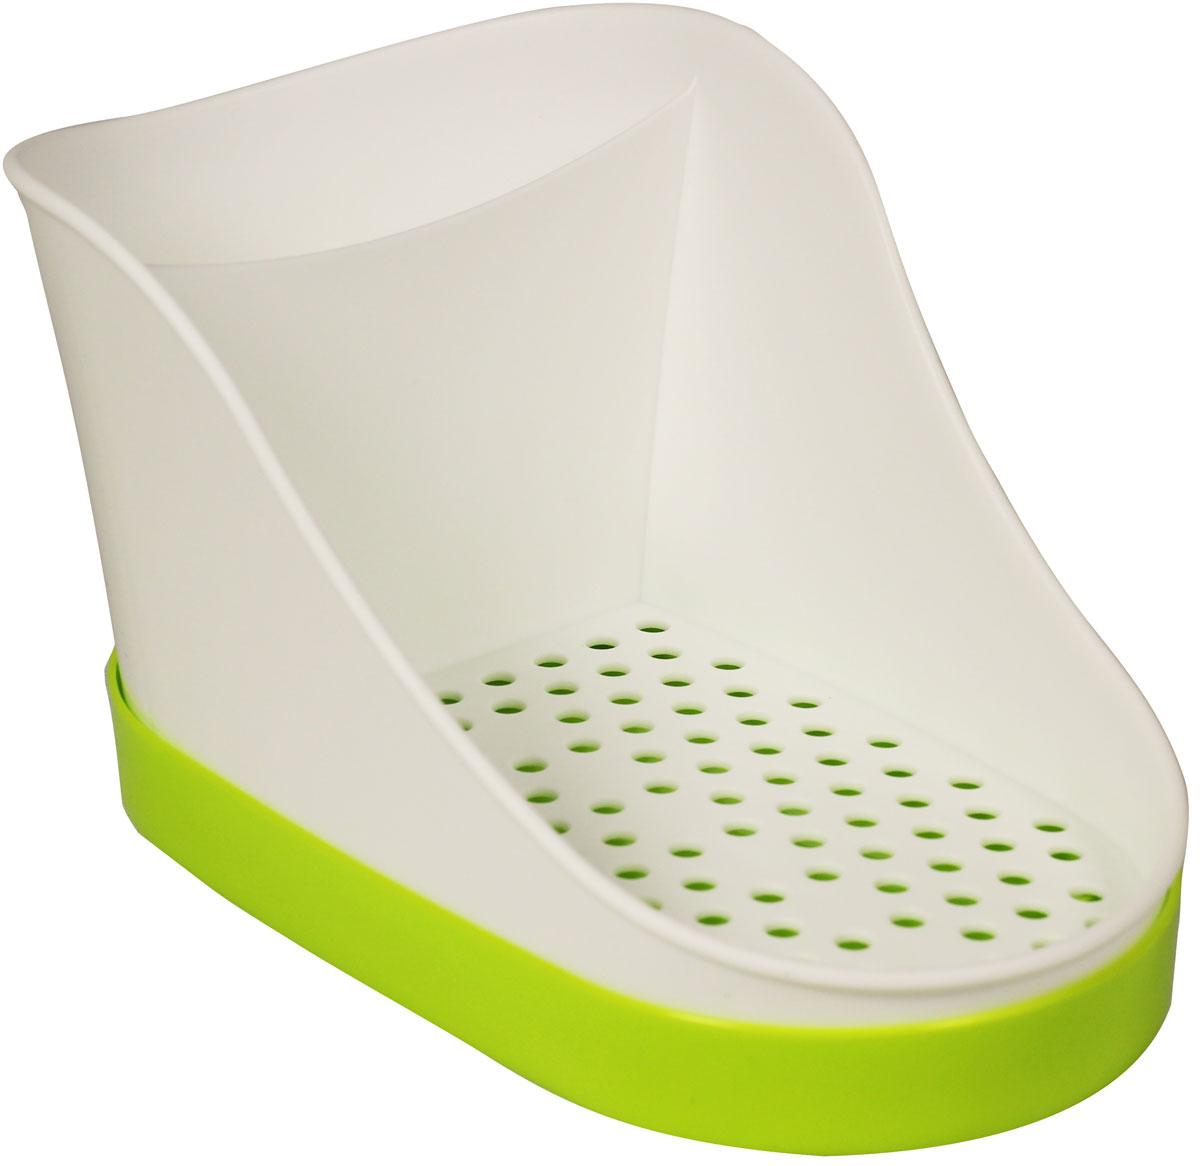 Подставка для моющих средств Idea, цвет: салатовый, 10,5 х 12,5 х 18,5 смМ 1148_салатовыйПластиковая подставка для моющих средств Idea состоит из двух отделений: большого для моющих средств, губки или мыла и отделения для щеток. Поддон для сбора воды легко снимается и моется. Современные плавные формы, стильный дизайн.Размер: 10,5 х 12,5 х 18,5 см.